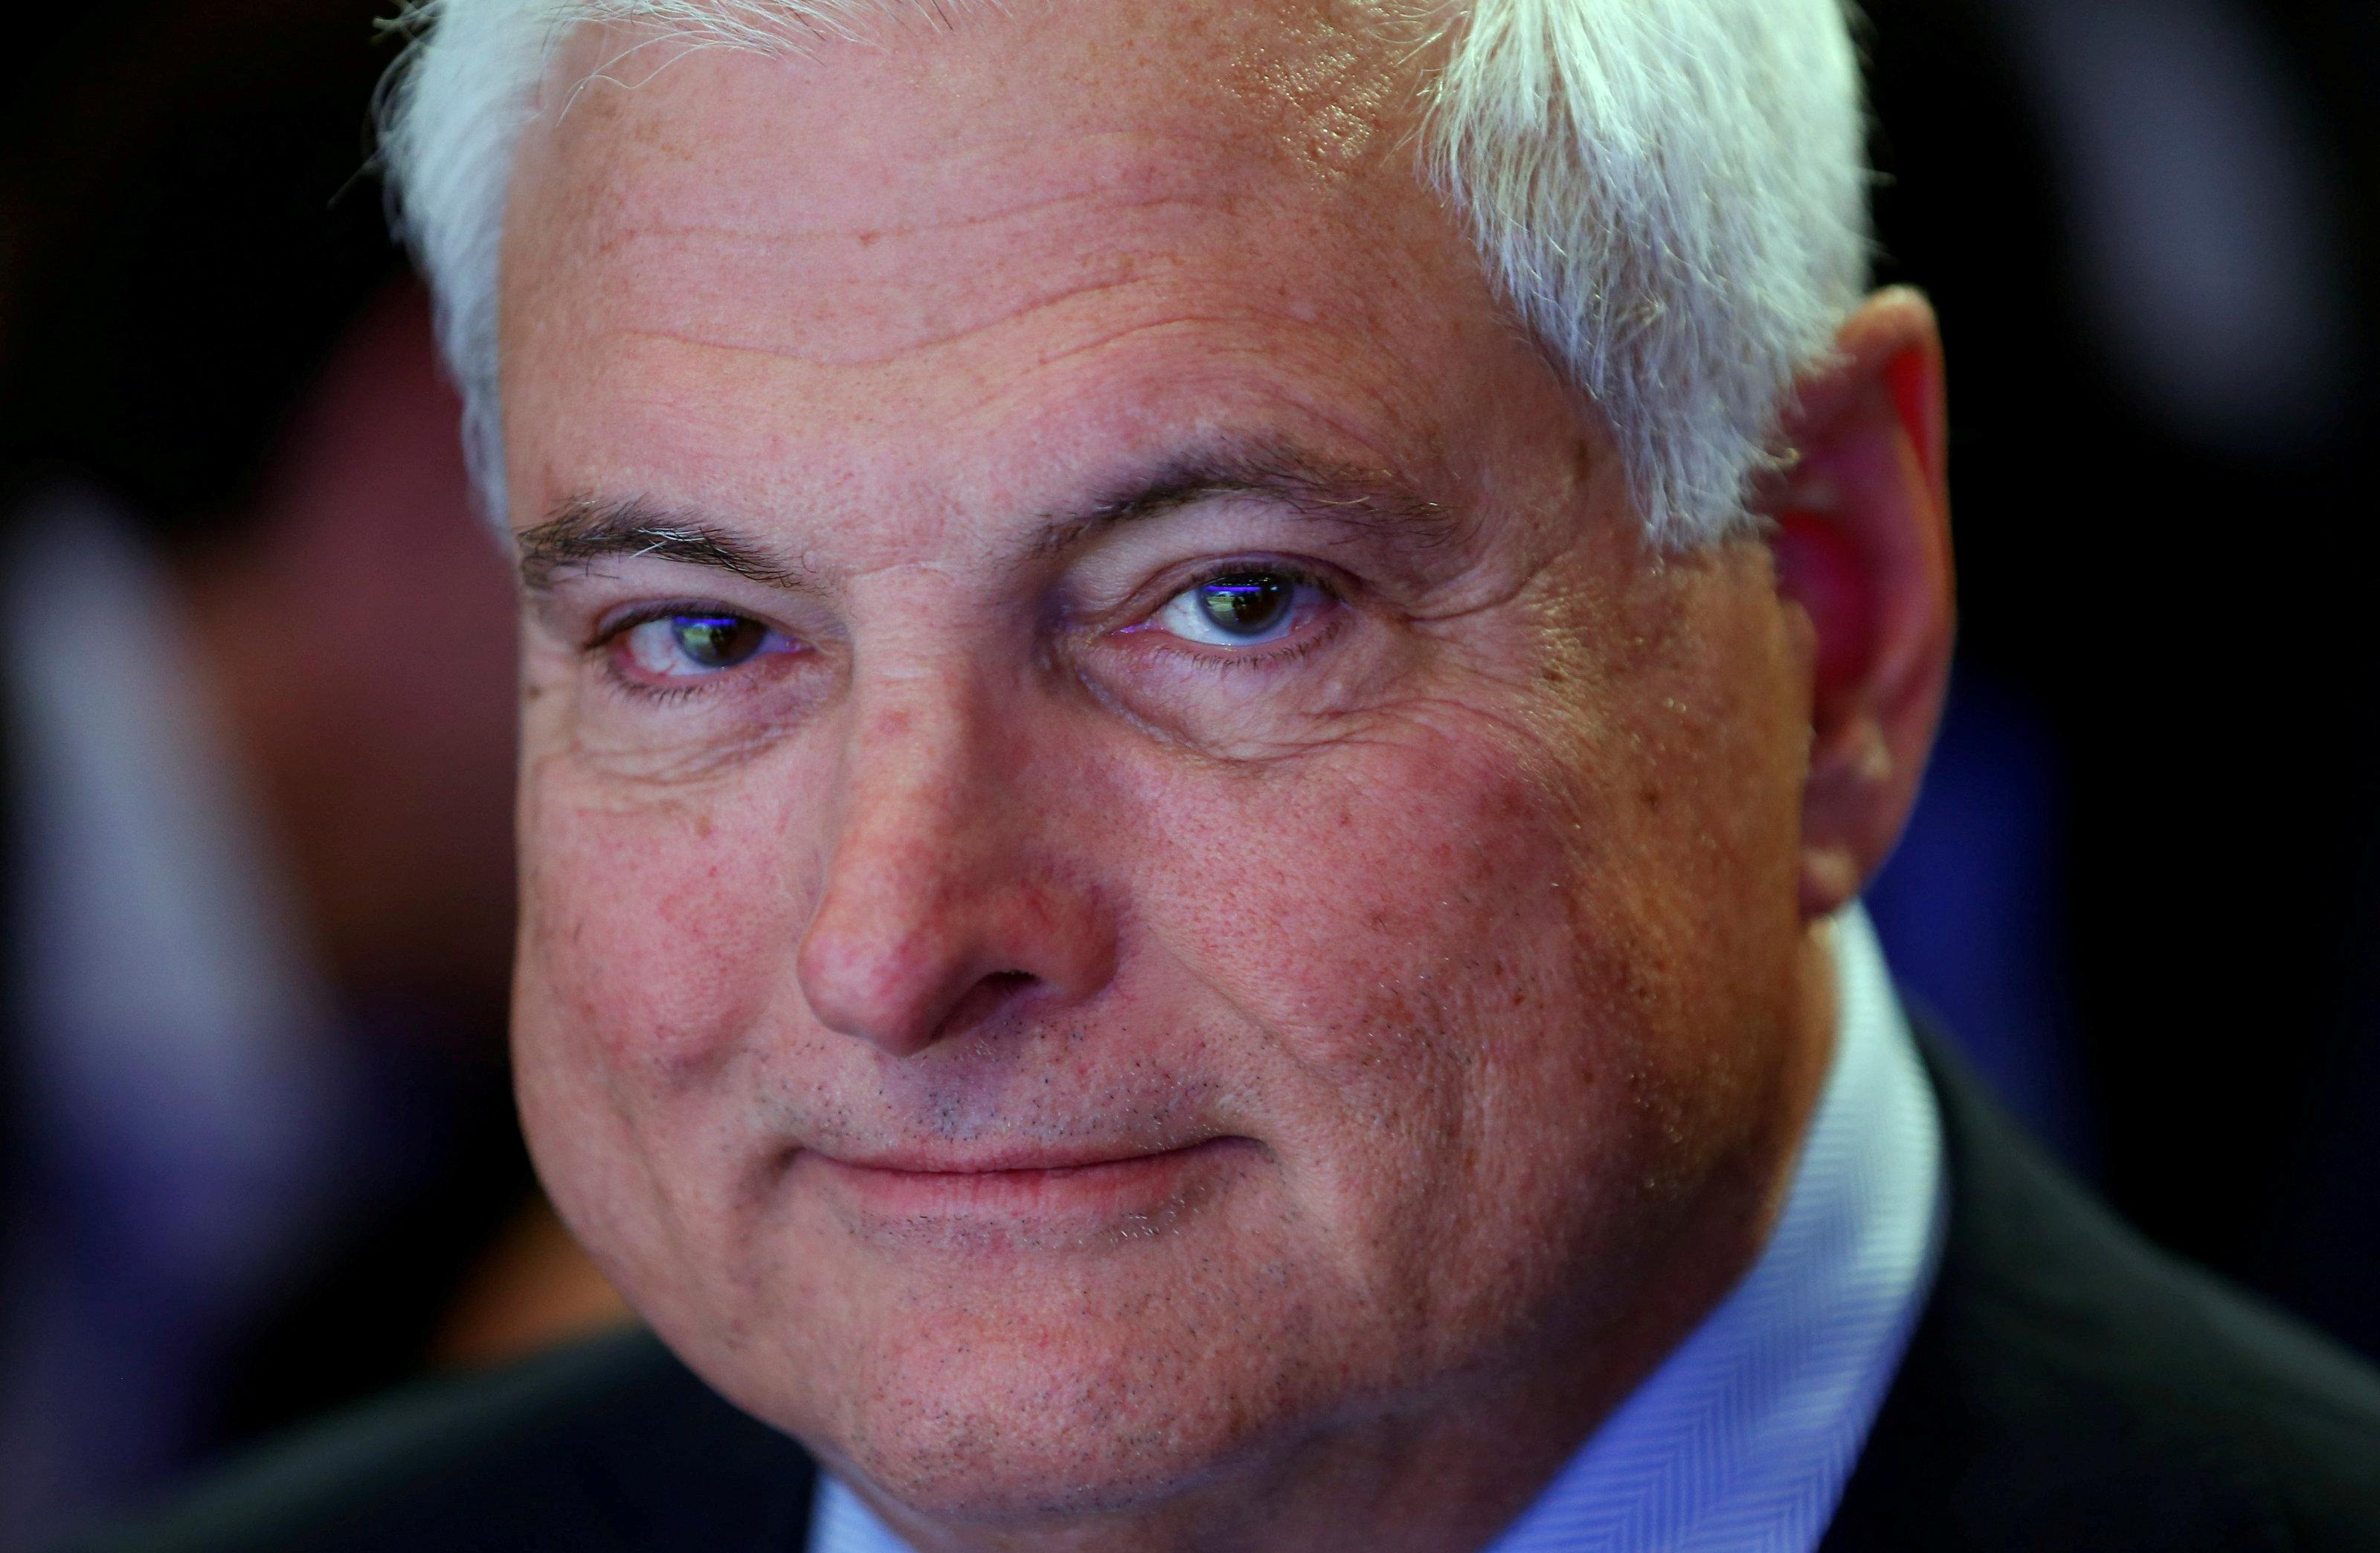 Niegan petición de libertad bajo fianza para Martinelli en EE.UU